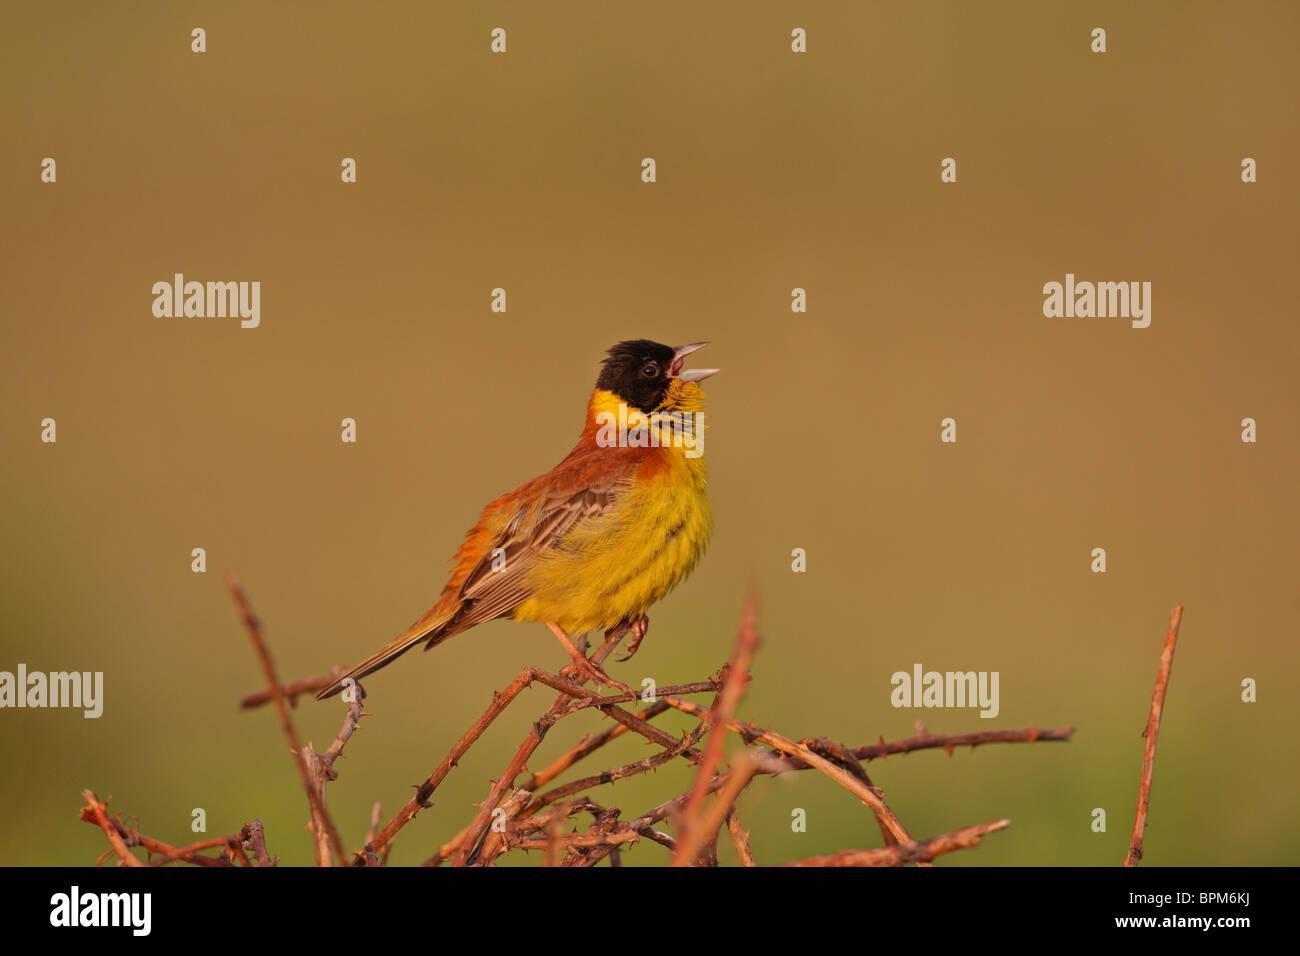 Black-headed Bunting /Emberiza melanocephala/, finches, Fringillidae, male, Bulgaria - Stock Image